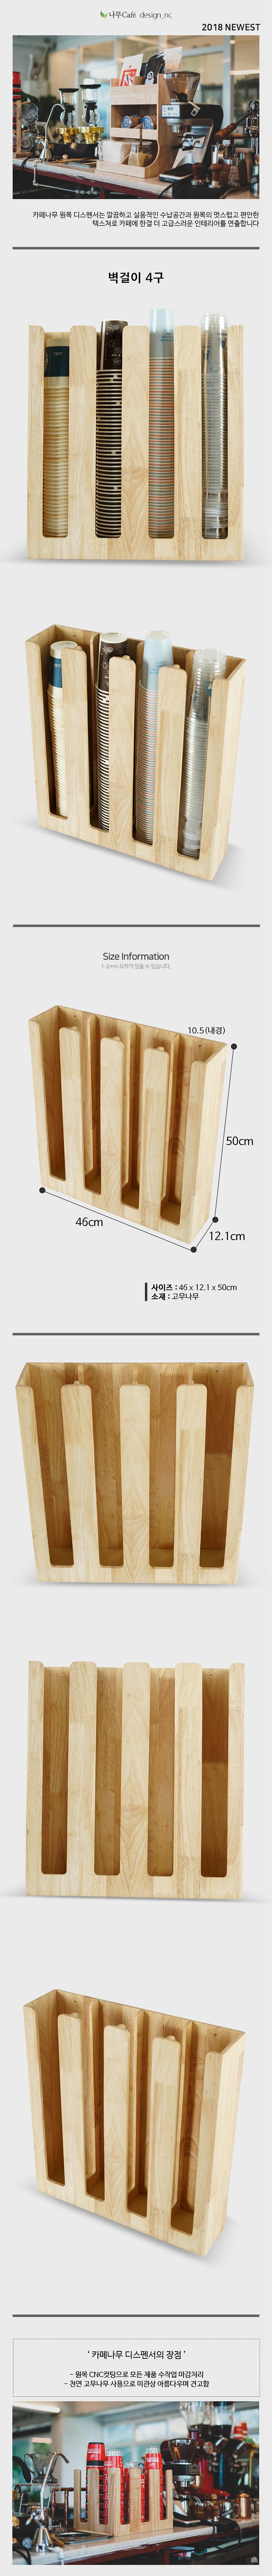 원목 벽걸이컵홀더 4구 - 디자인엔씨, 94,050원, 주방수납용품, 수납함